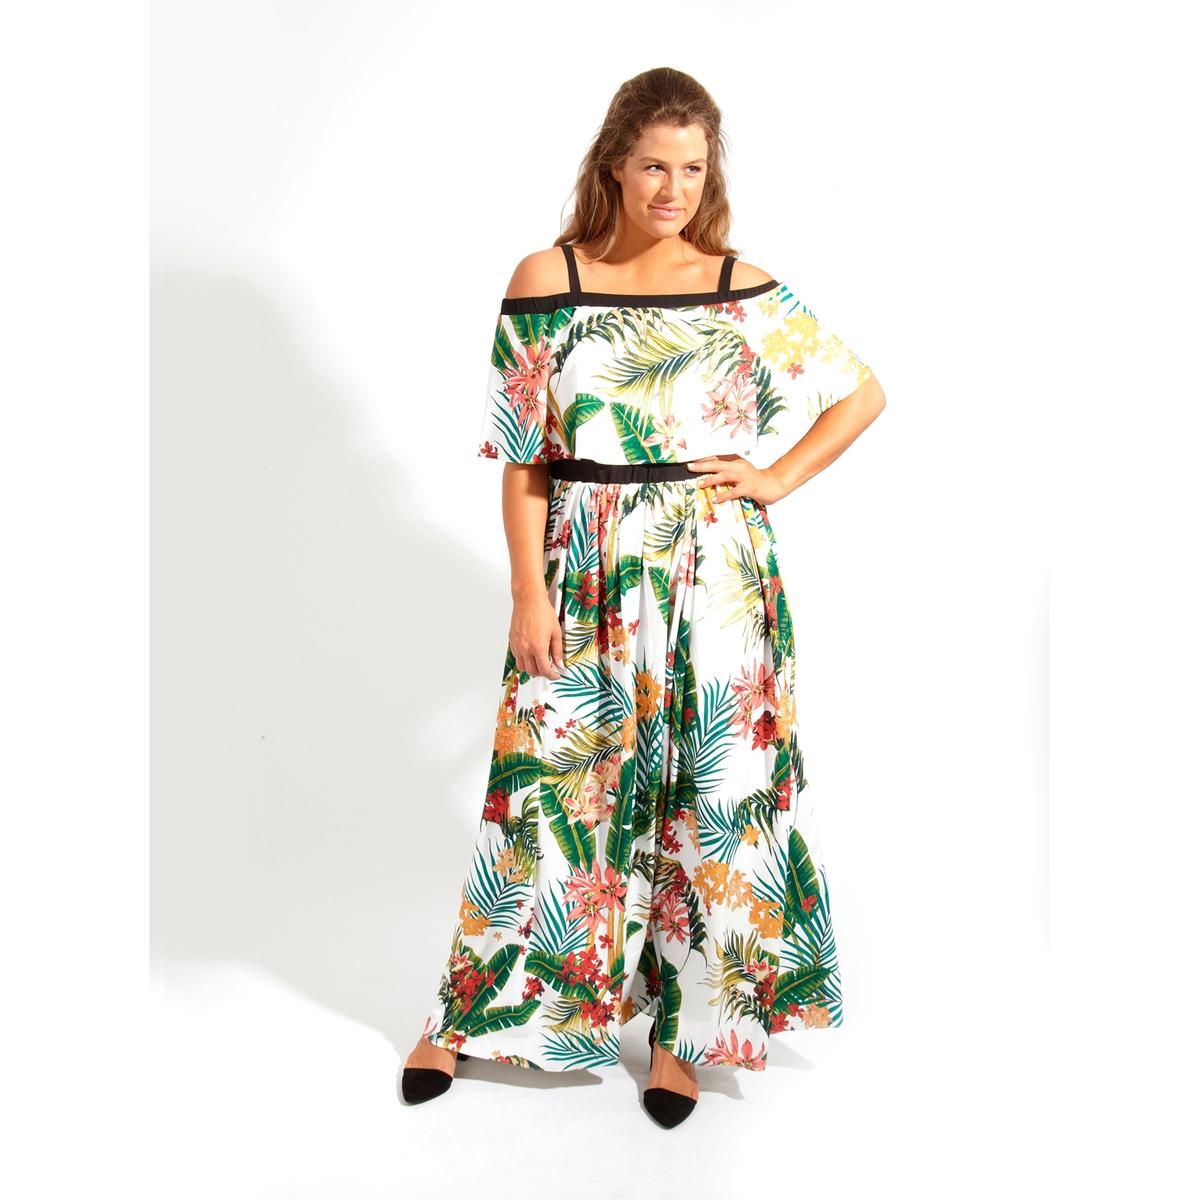 ПлатьеПлатье длинное KOKO BY KOKO. Платье макси с красивым вырезом бардо . 100% полиэстер<br><br>Цвет: набивной рисунок<br>Размер: 50/52 (FR) - 56/58 (RUS).46 (FR) - 52 (RUS)